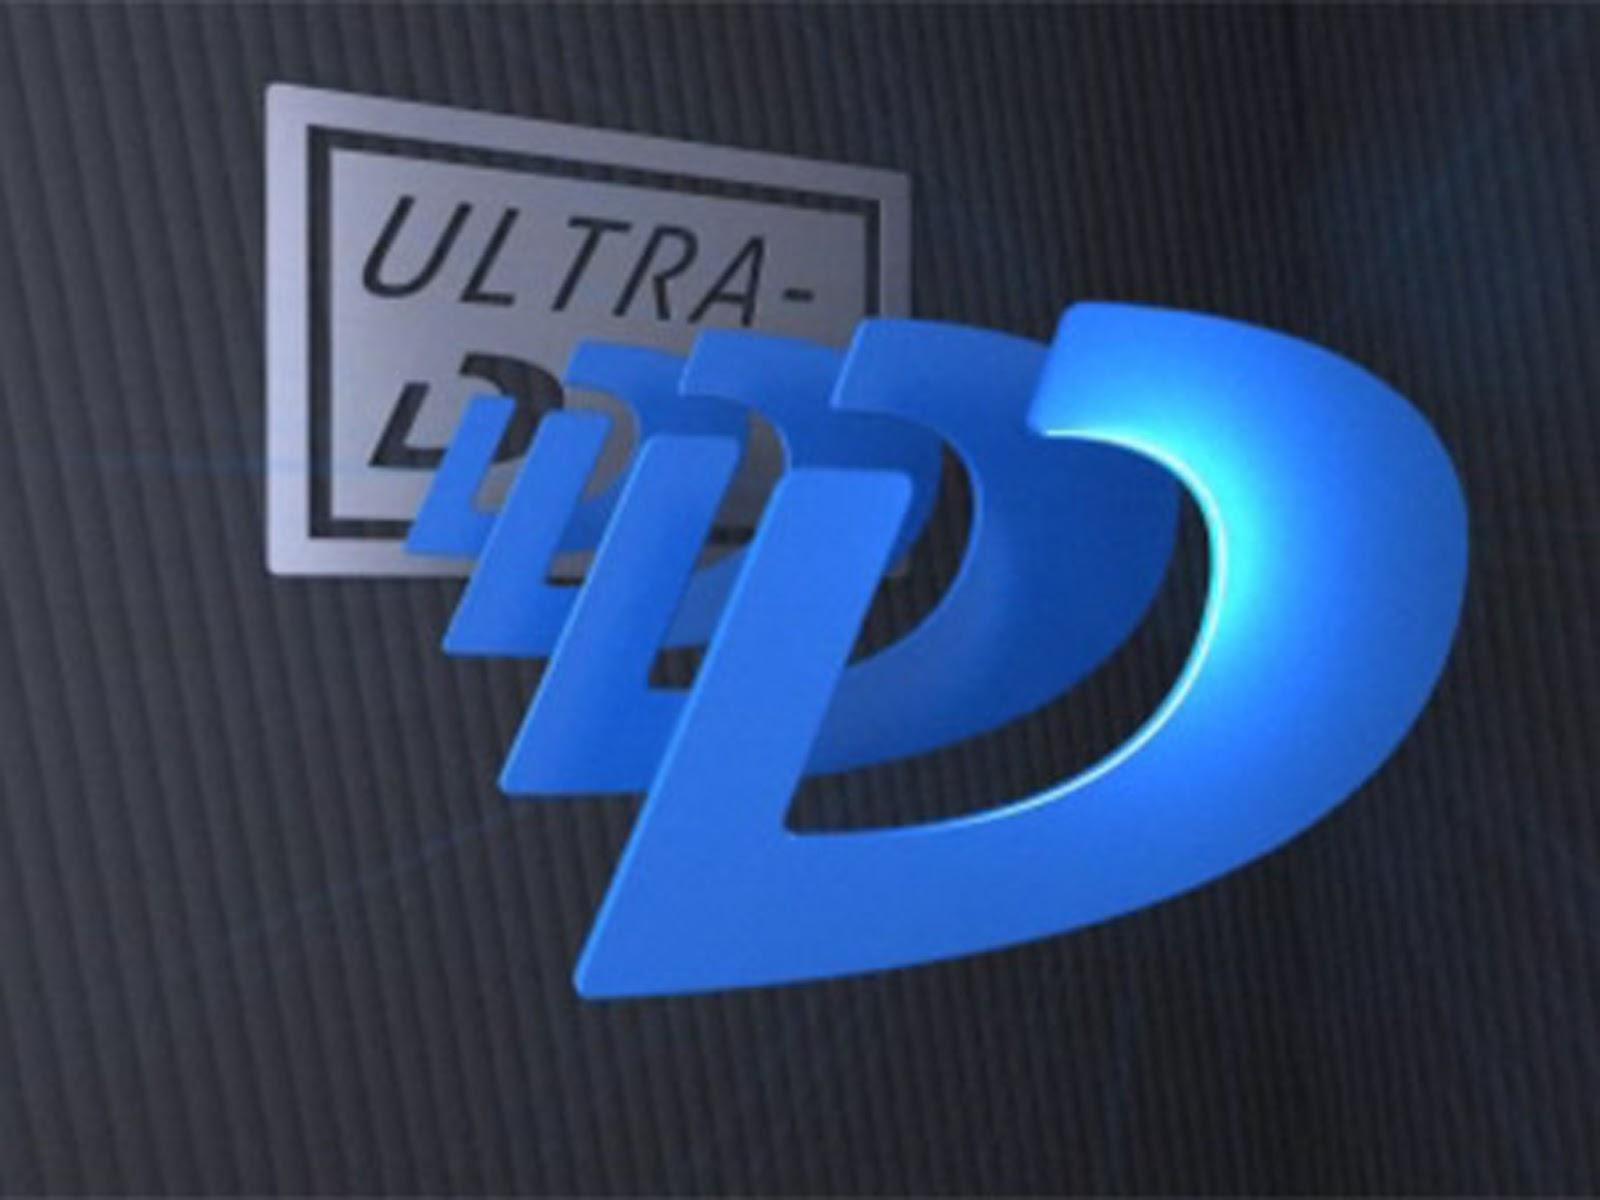 Stream TV präsentiert Ultra-HD-Fernseher mit brillenfreier 3D-Technologie